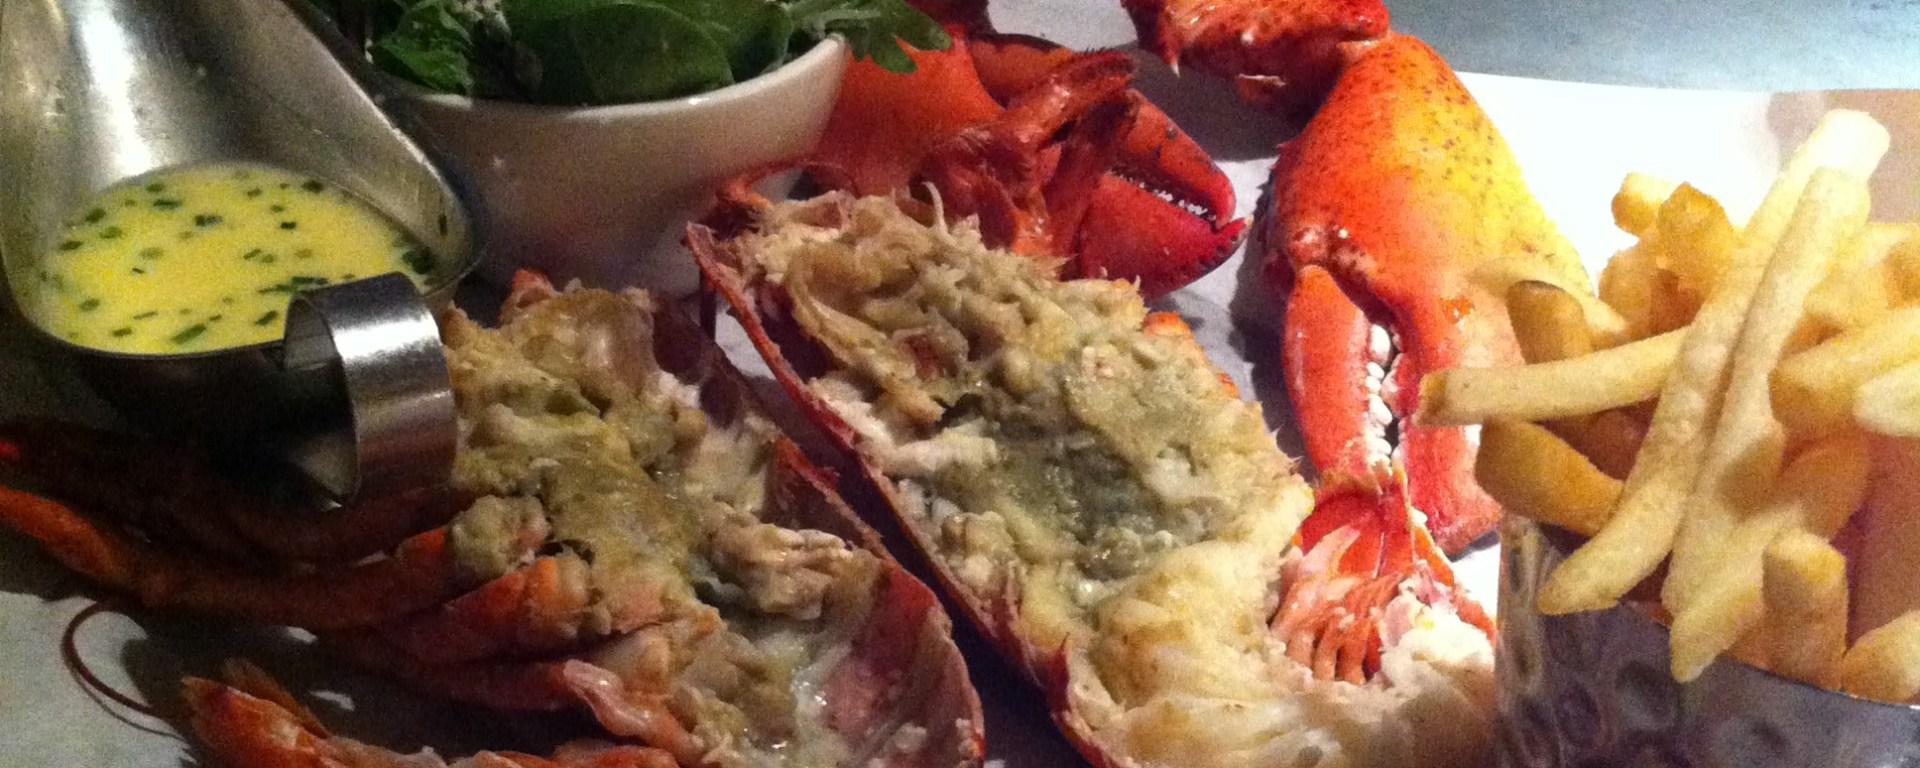 Lobster dish at Burger & Lobster Soho